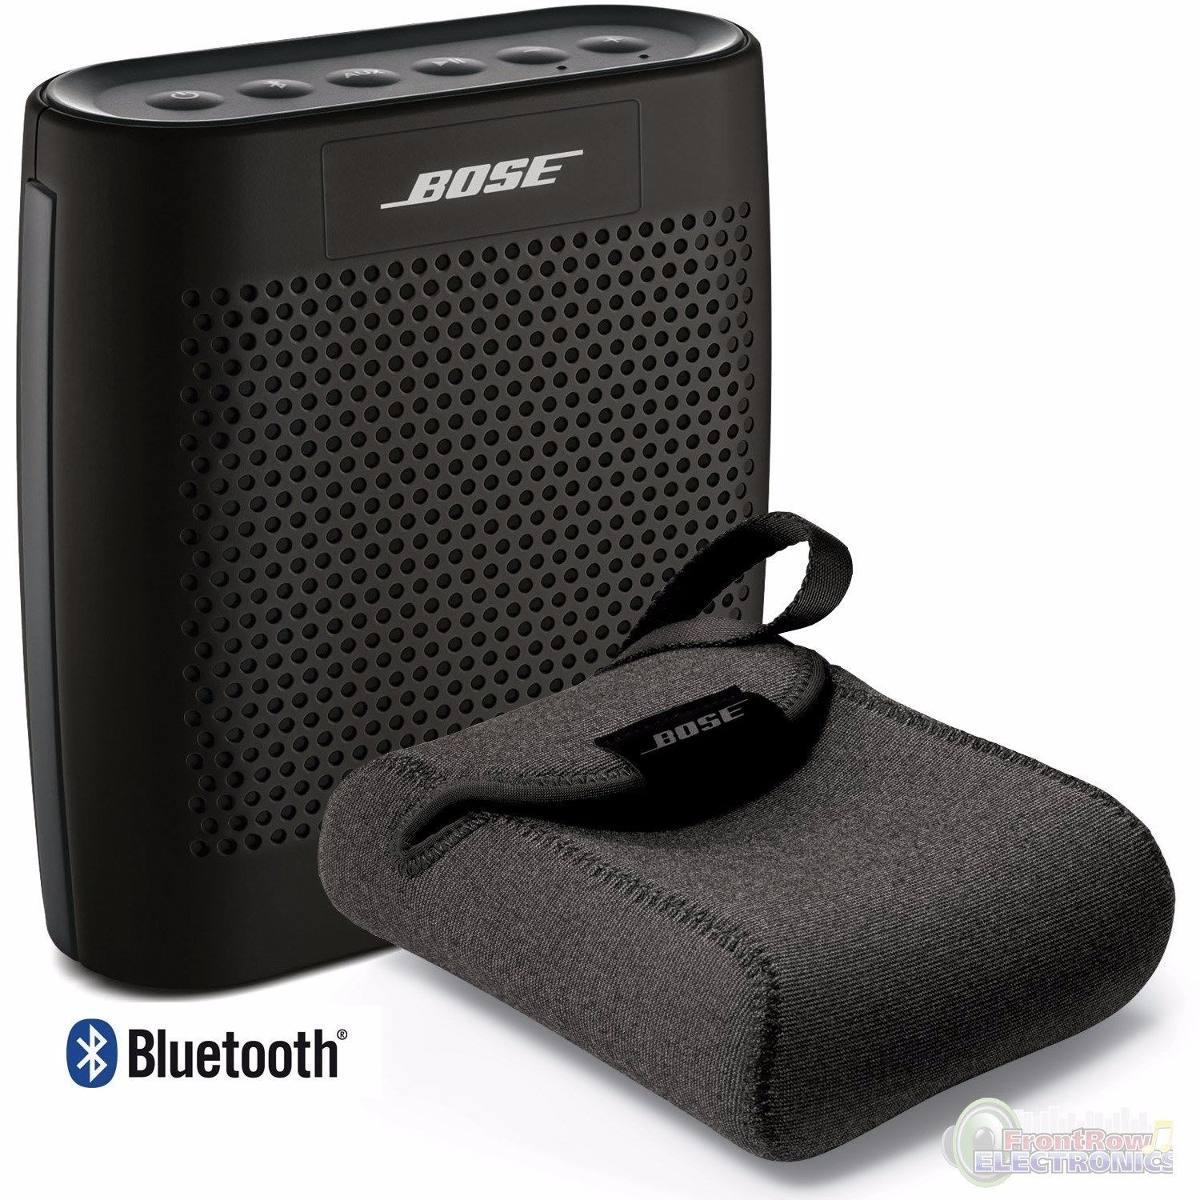 amplificador bose soundlink bluetooth caixa de som recerrega r 599 90 em mercado livre. Black Bedroom Furniture Sets. Home Design Ideas